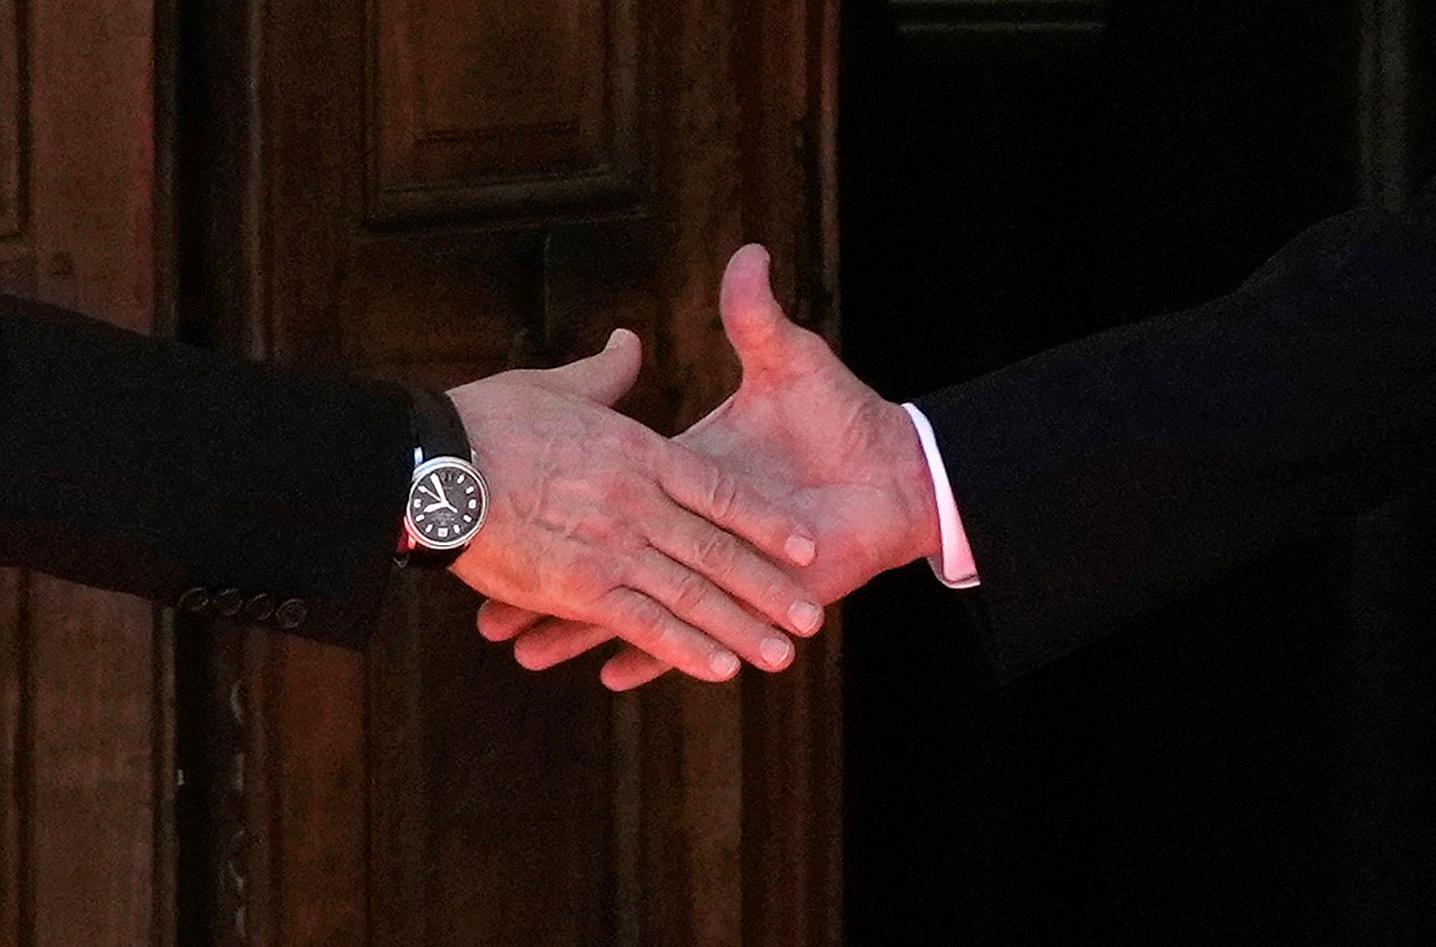 블라디미르 푸틴 러시아 대통령(왼쪽)과 조 바이든 미국 대통령이 16일 스위스 제네바 '빌라 라 그랑주'에서 만나 첫 정상회담을 열기에 앞서 악수하고 있다. AFP=연합뉴스